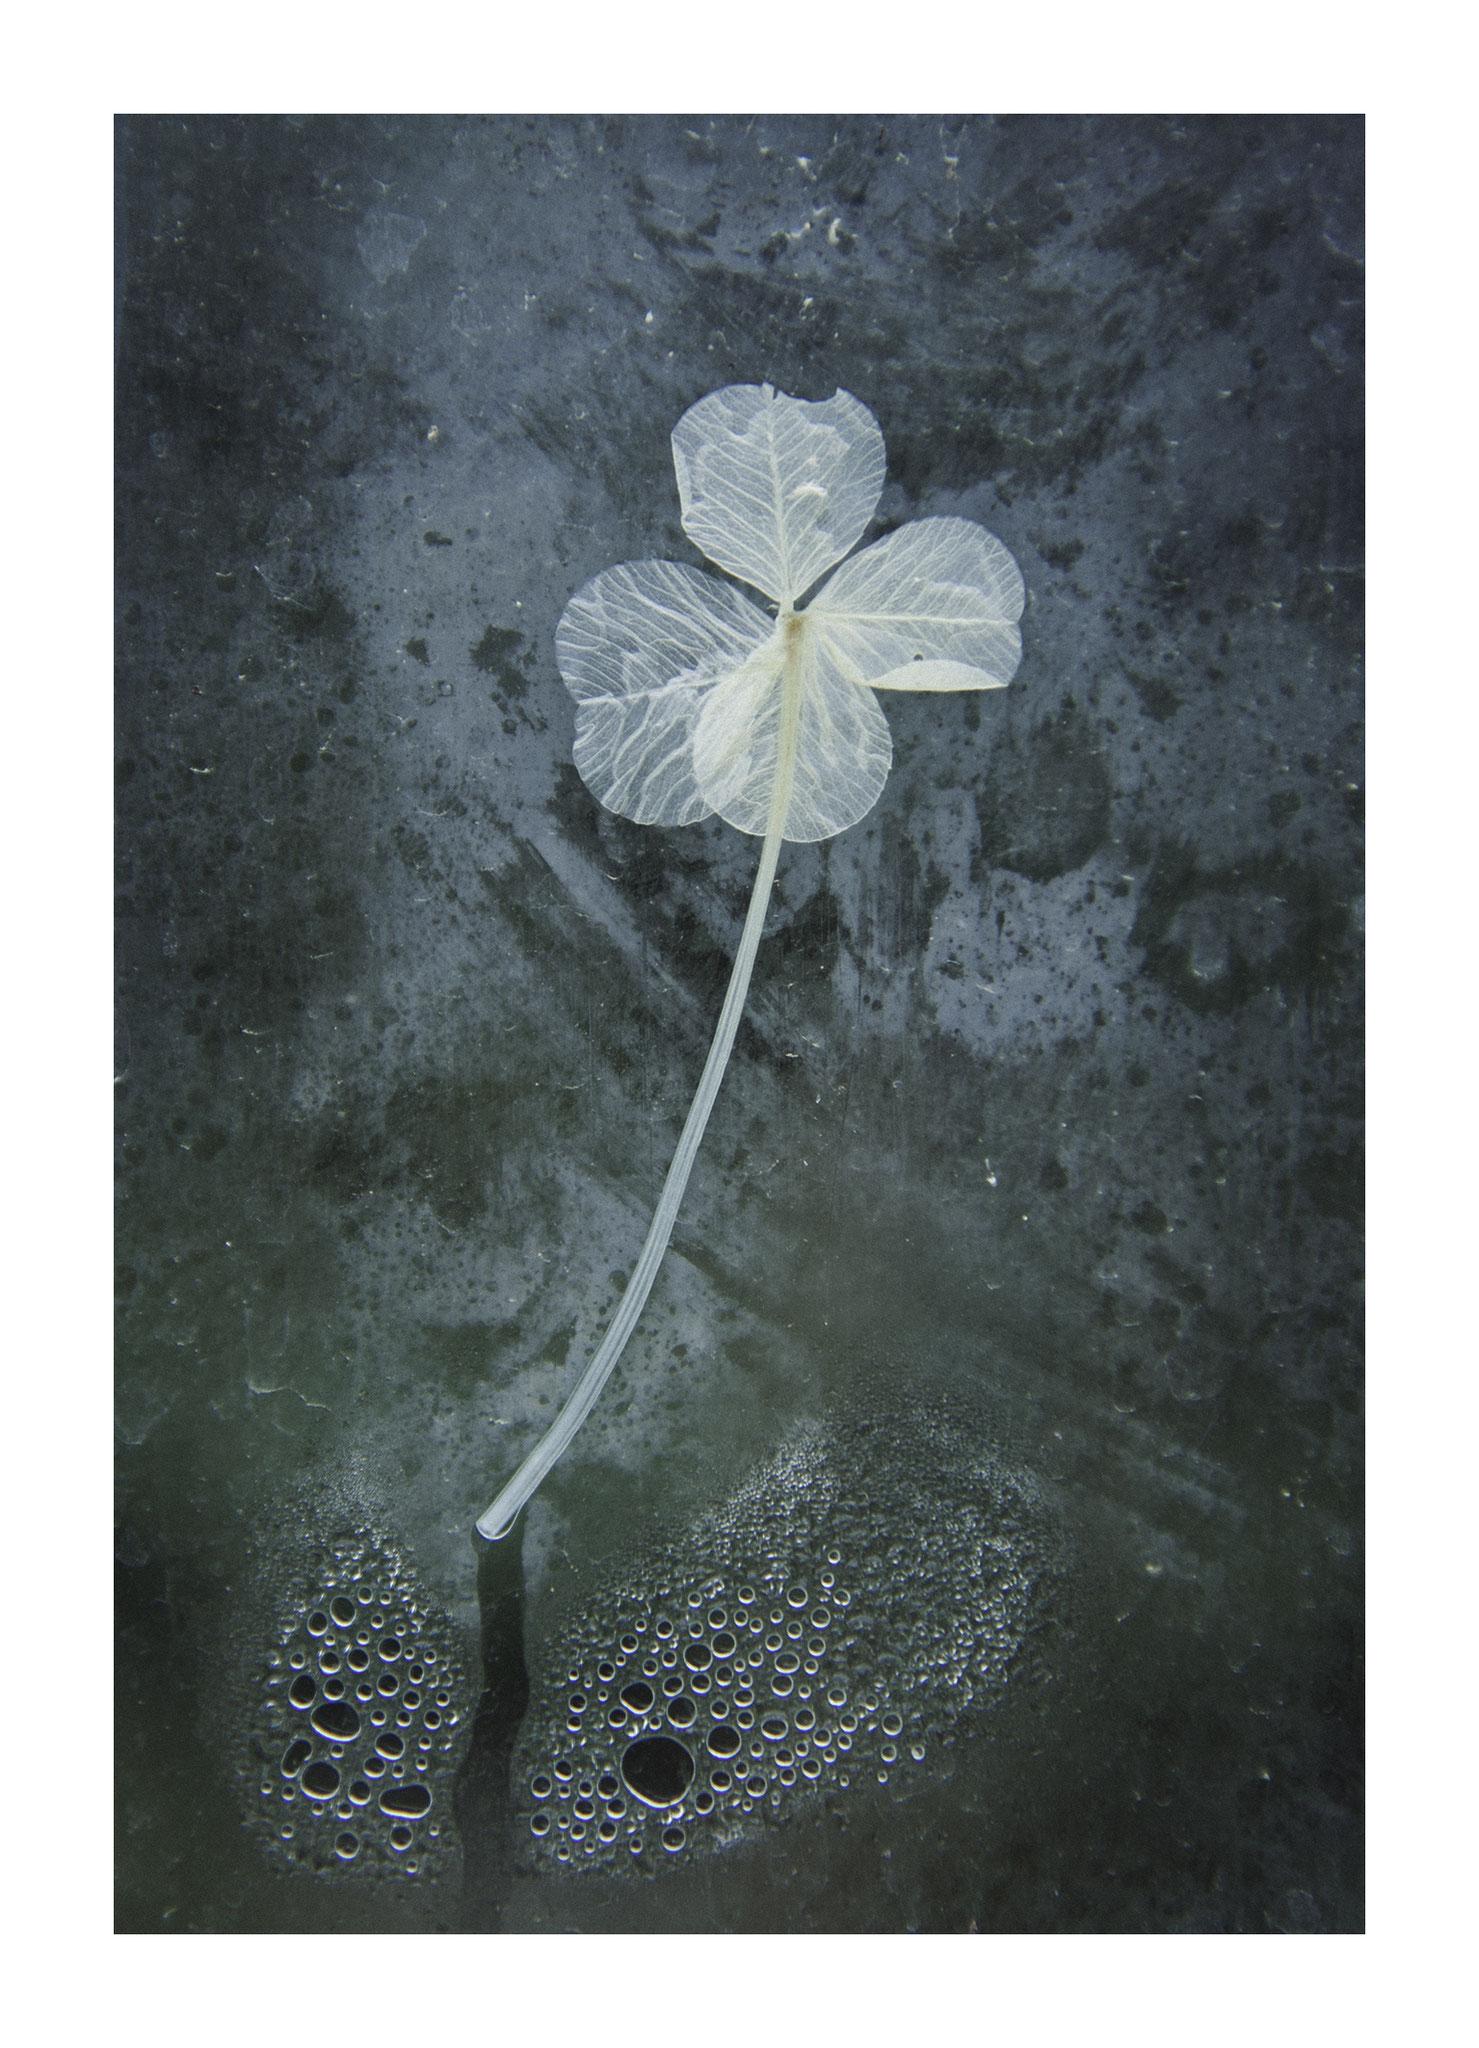 // ADOPTEE PAR RACHIDA // Tirage avec marge blanche (Papier 48x35 cm - Photographie 31x42 cm) - Chaumont-sur-Loire